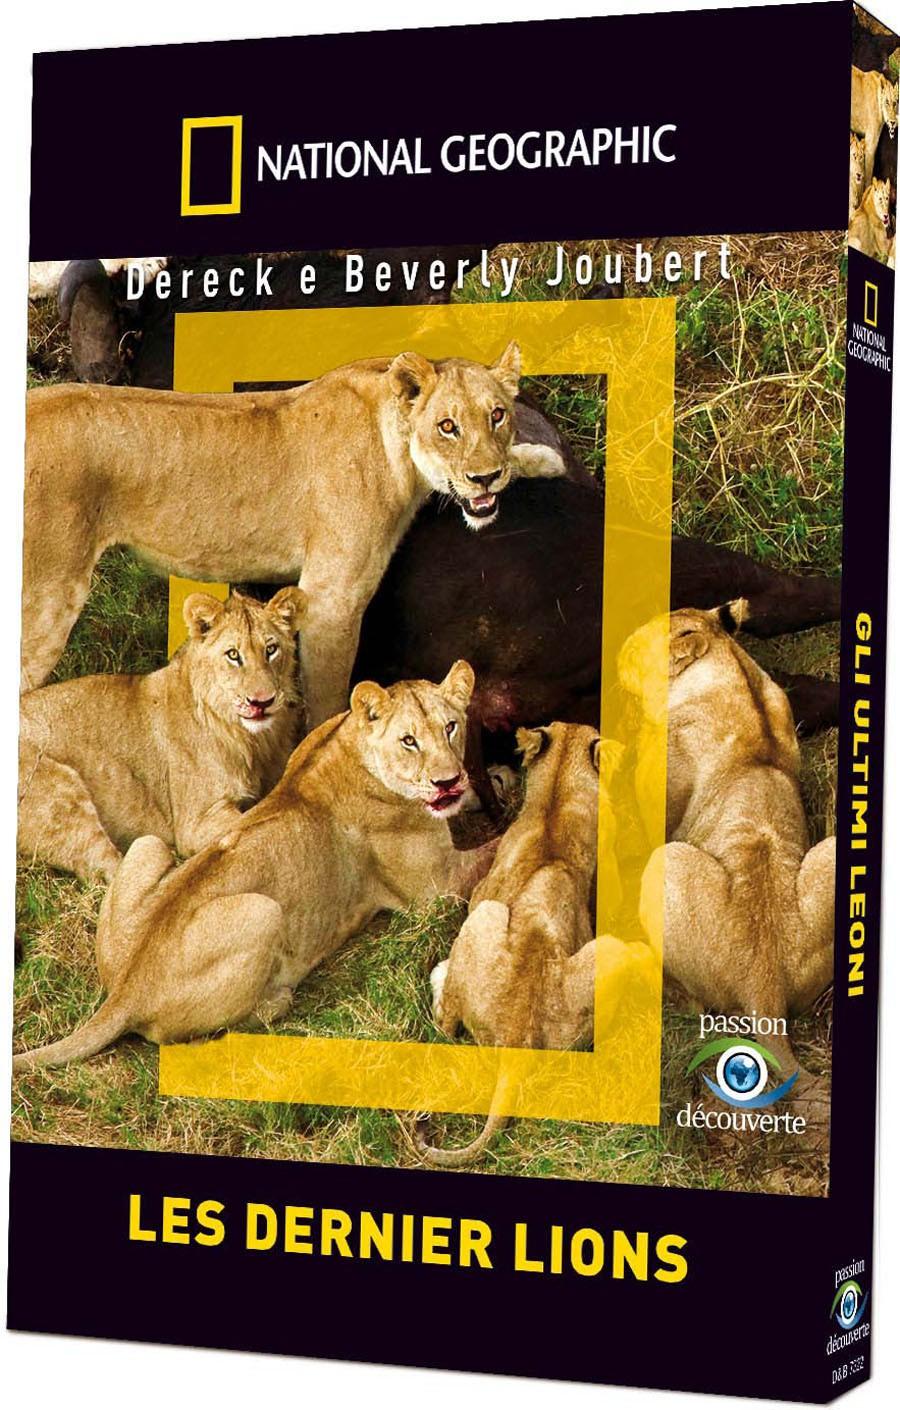 NATIONAL GEOGRAPHIC - LES DERNIERS LIONS